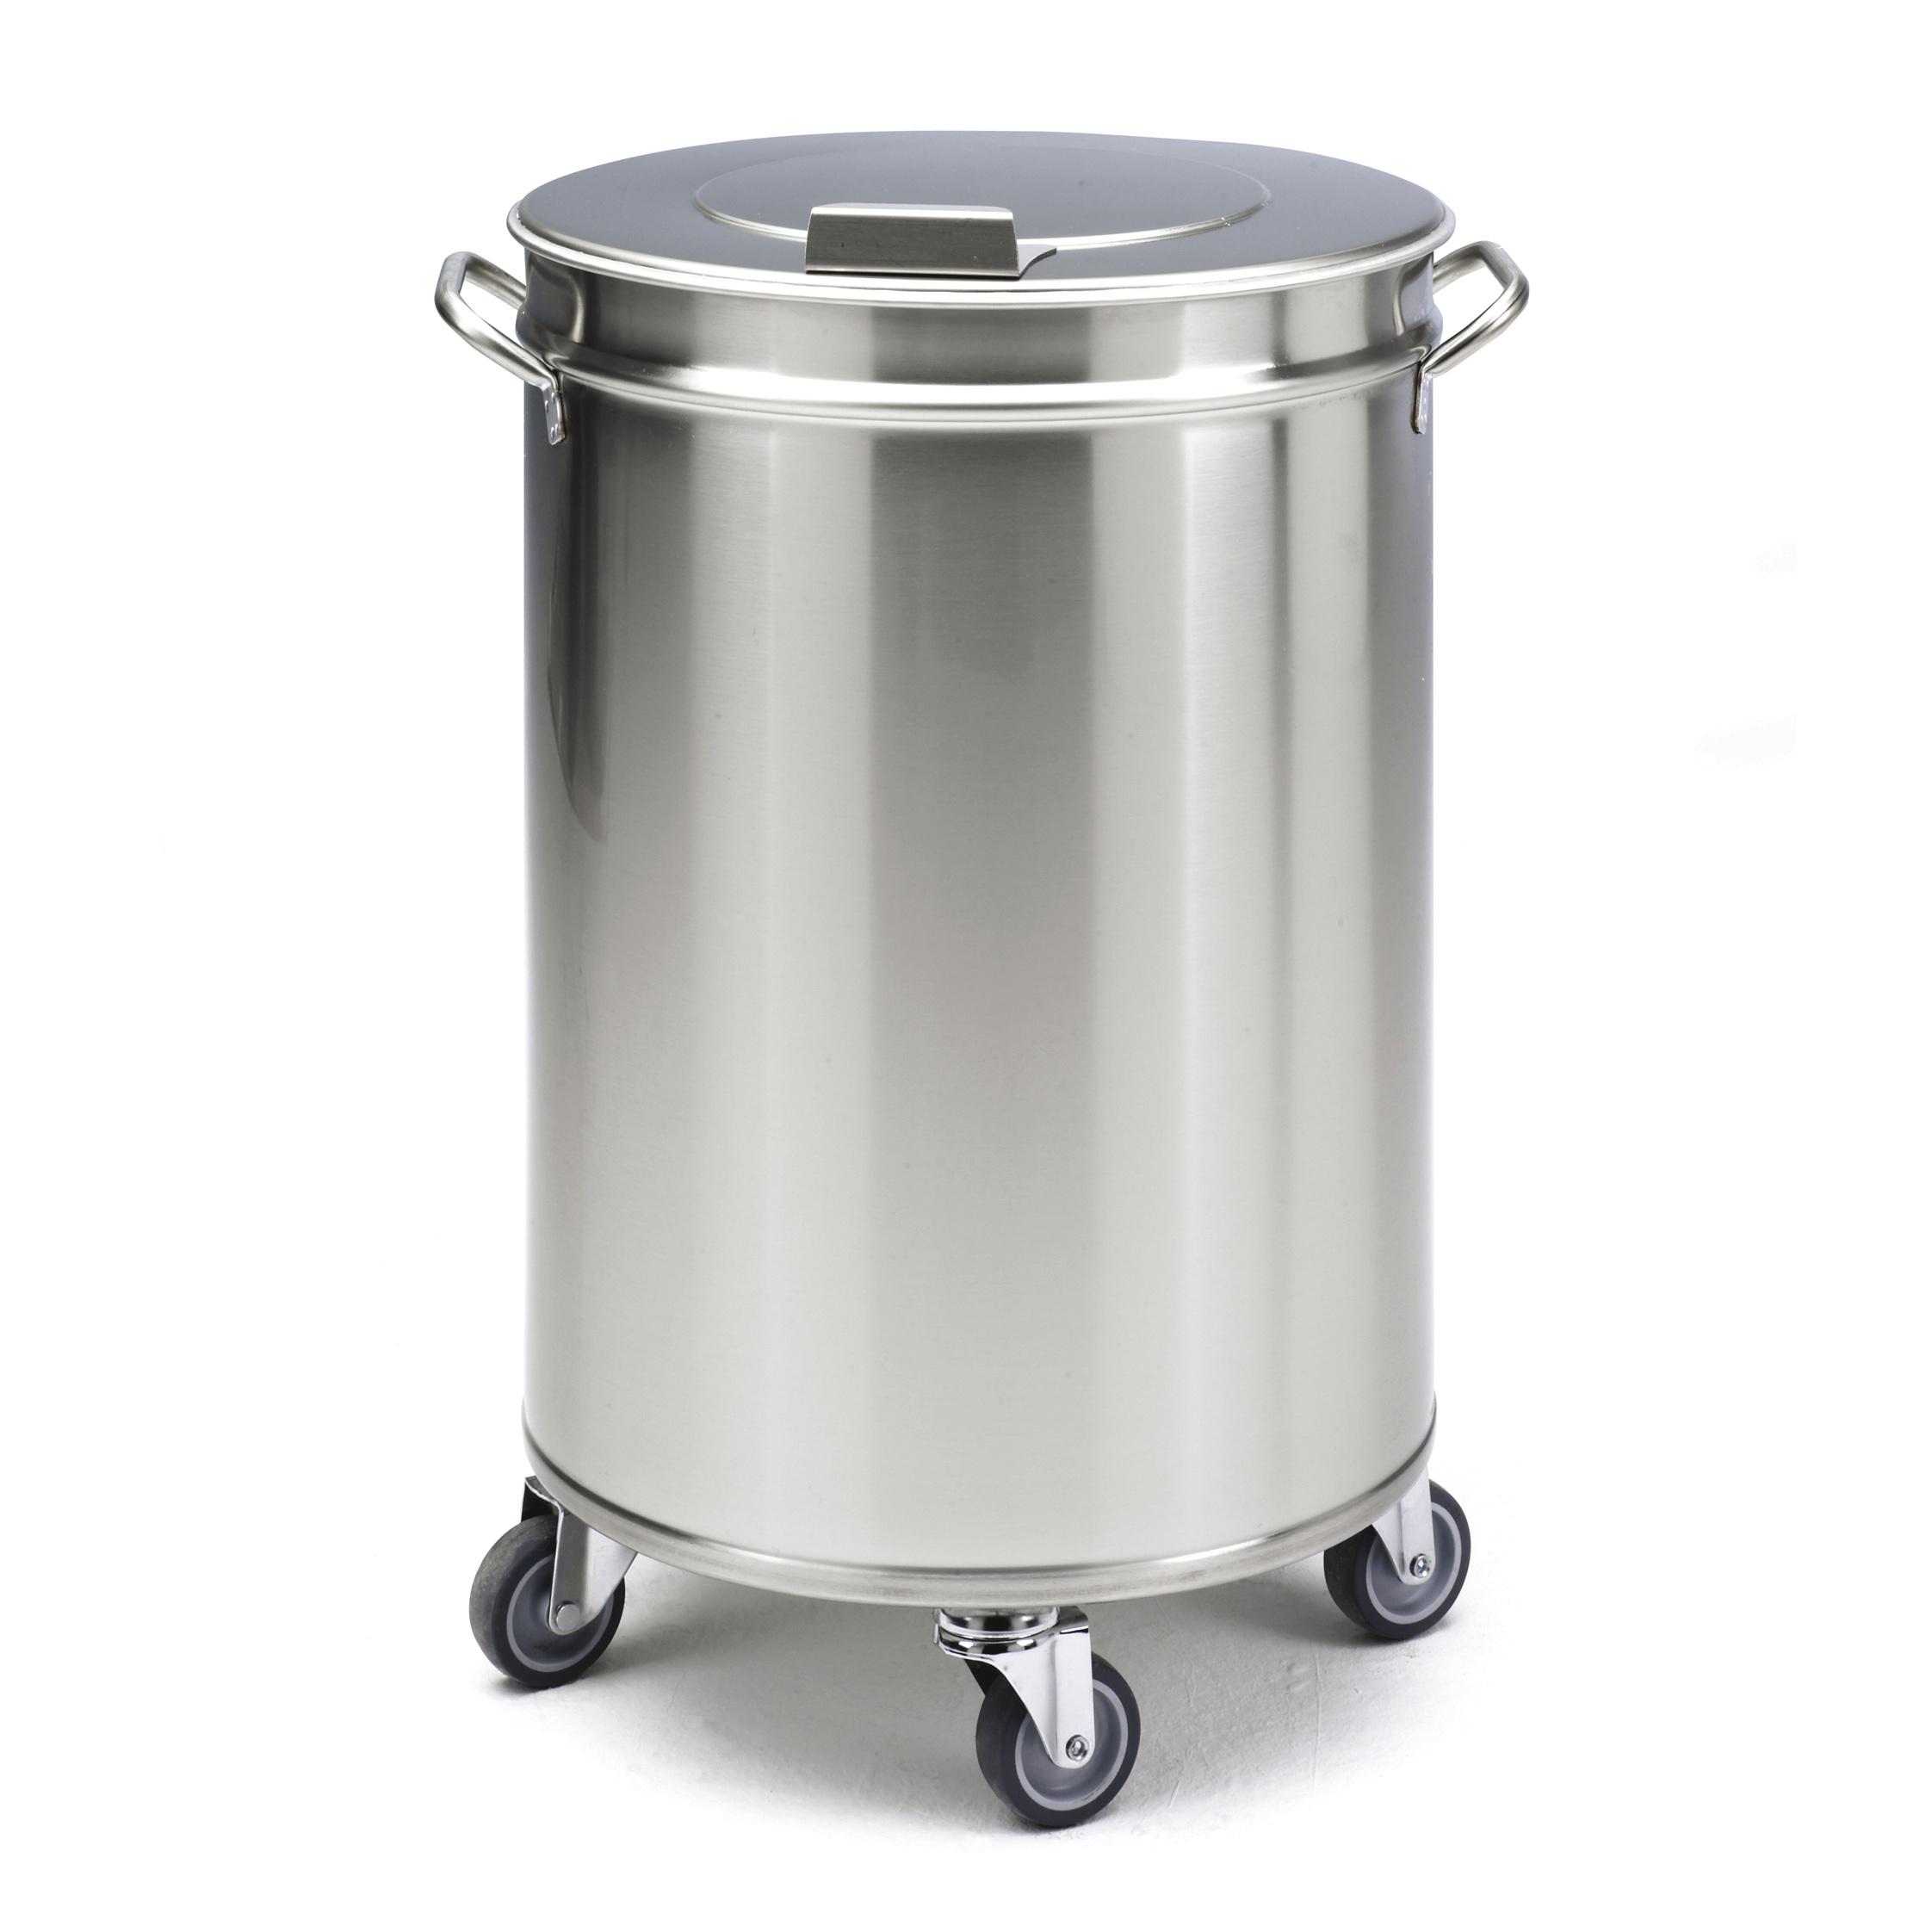 cubo-harinero-50-litros-con-tapa-y-ruedas